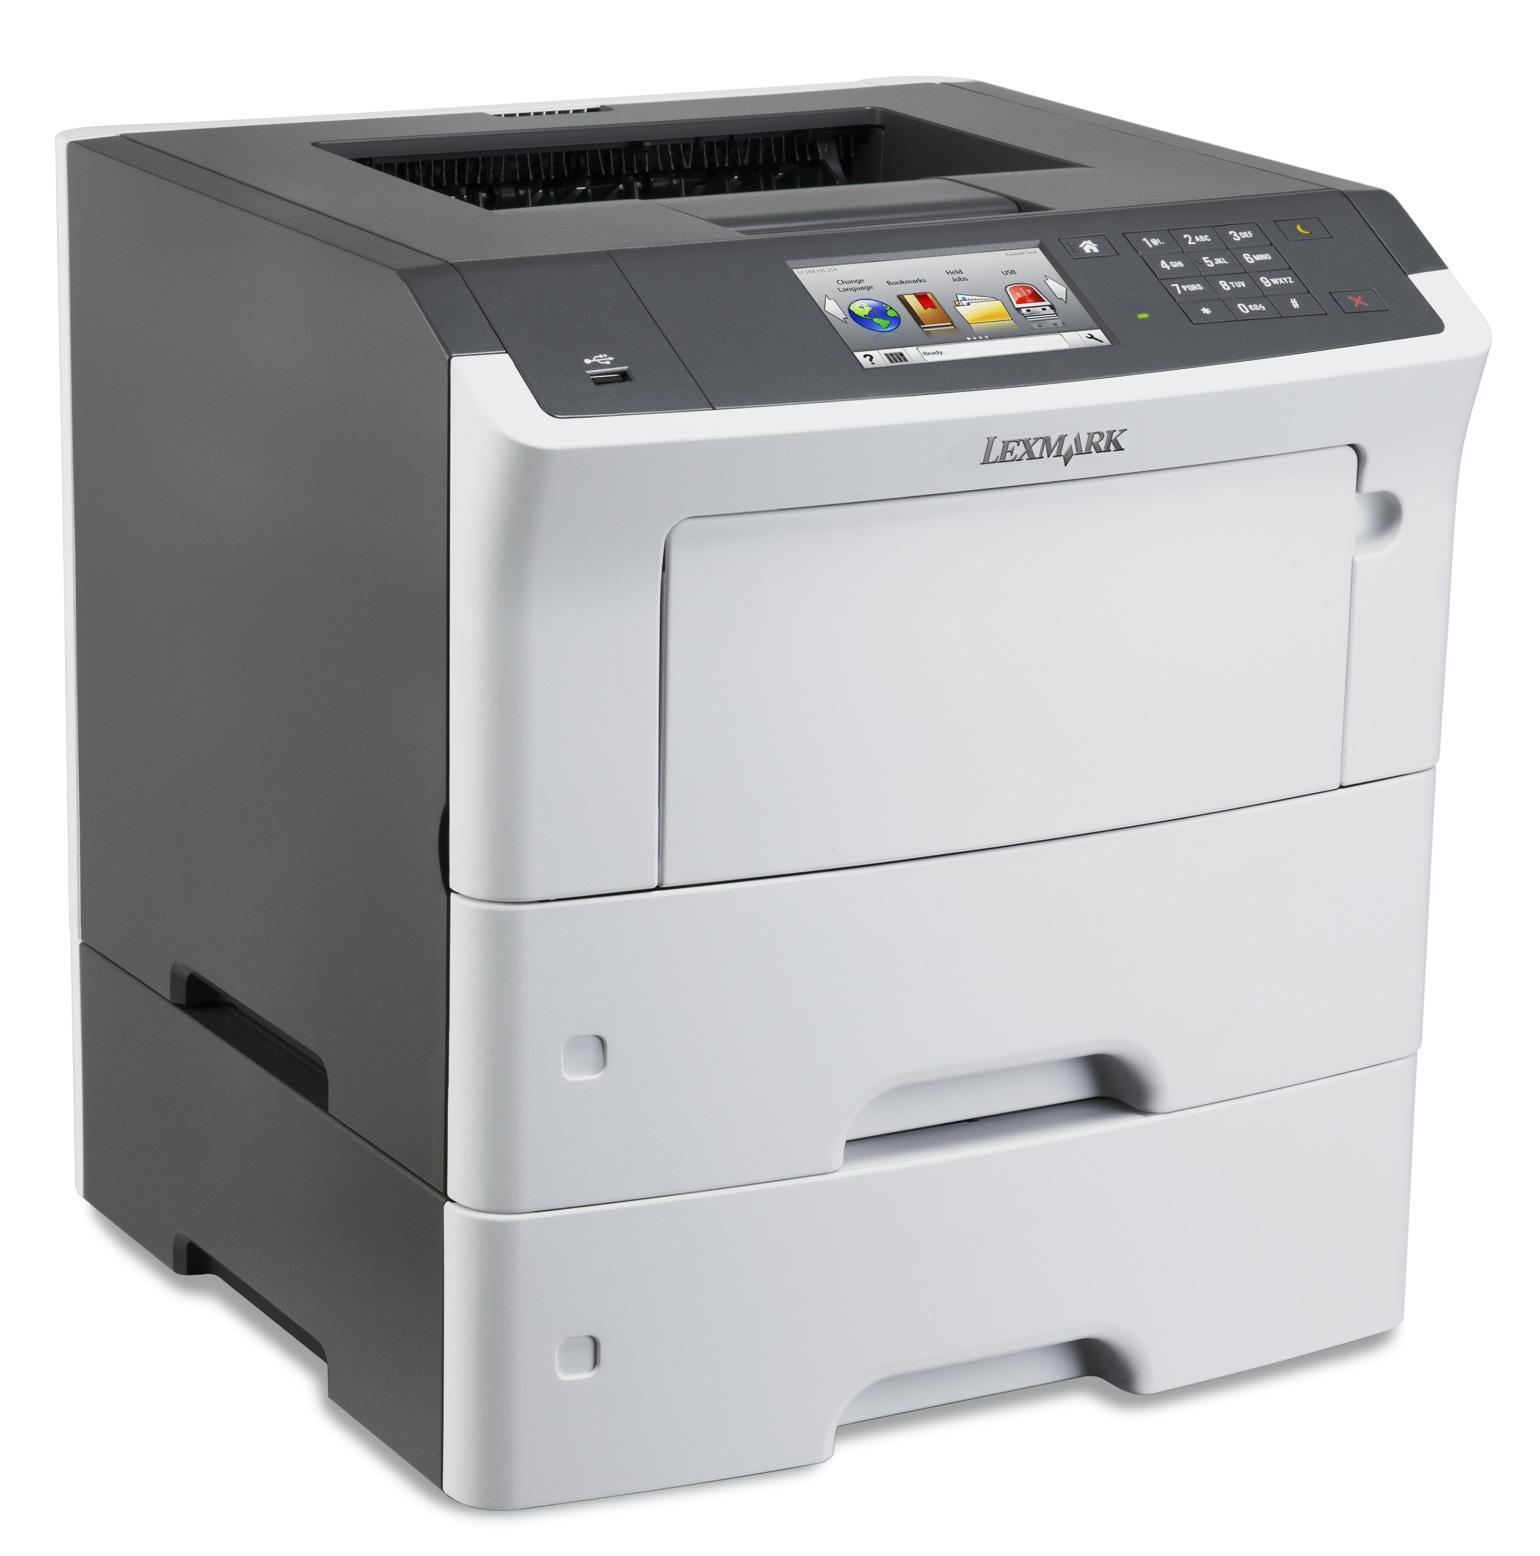 Lexmark MS610dte,A4,1200x1200dpi,47ppm,duplex,LAN